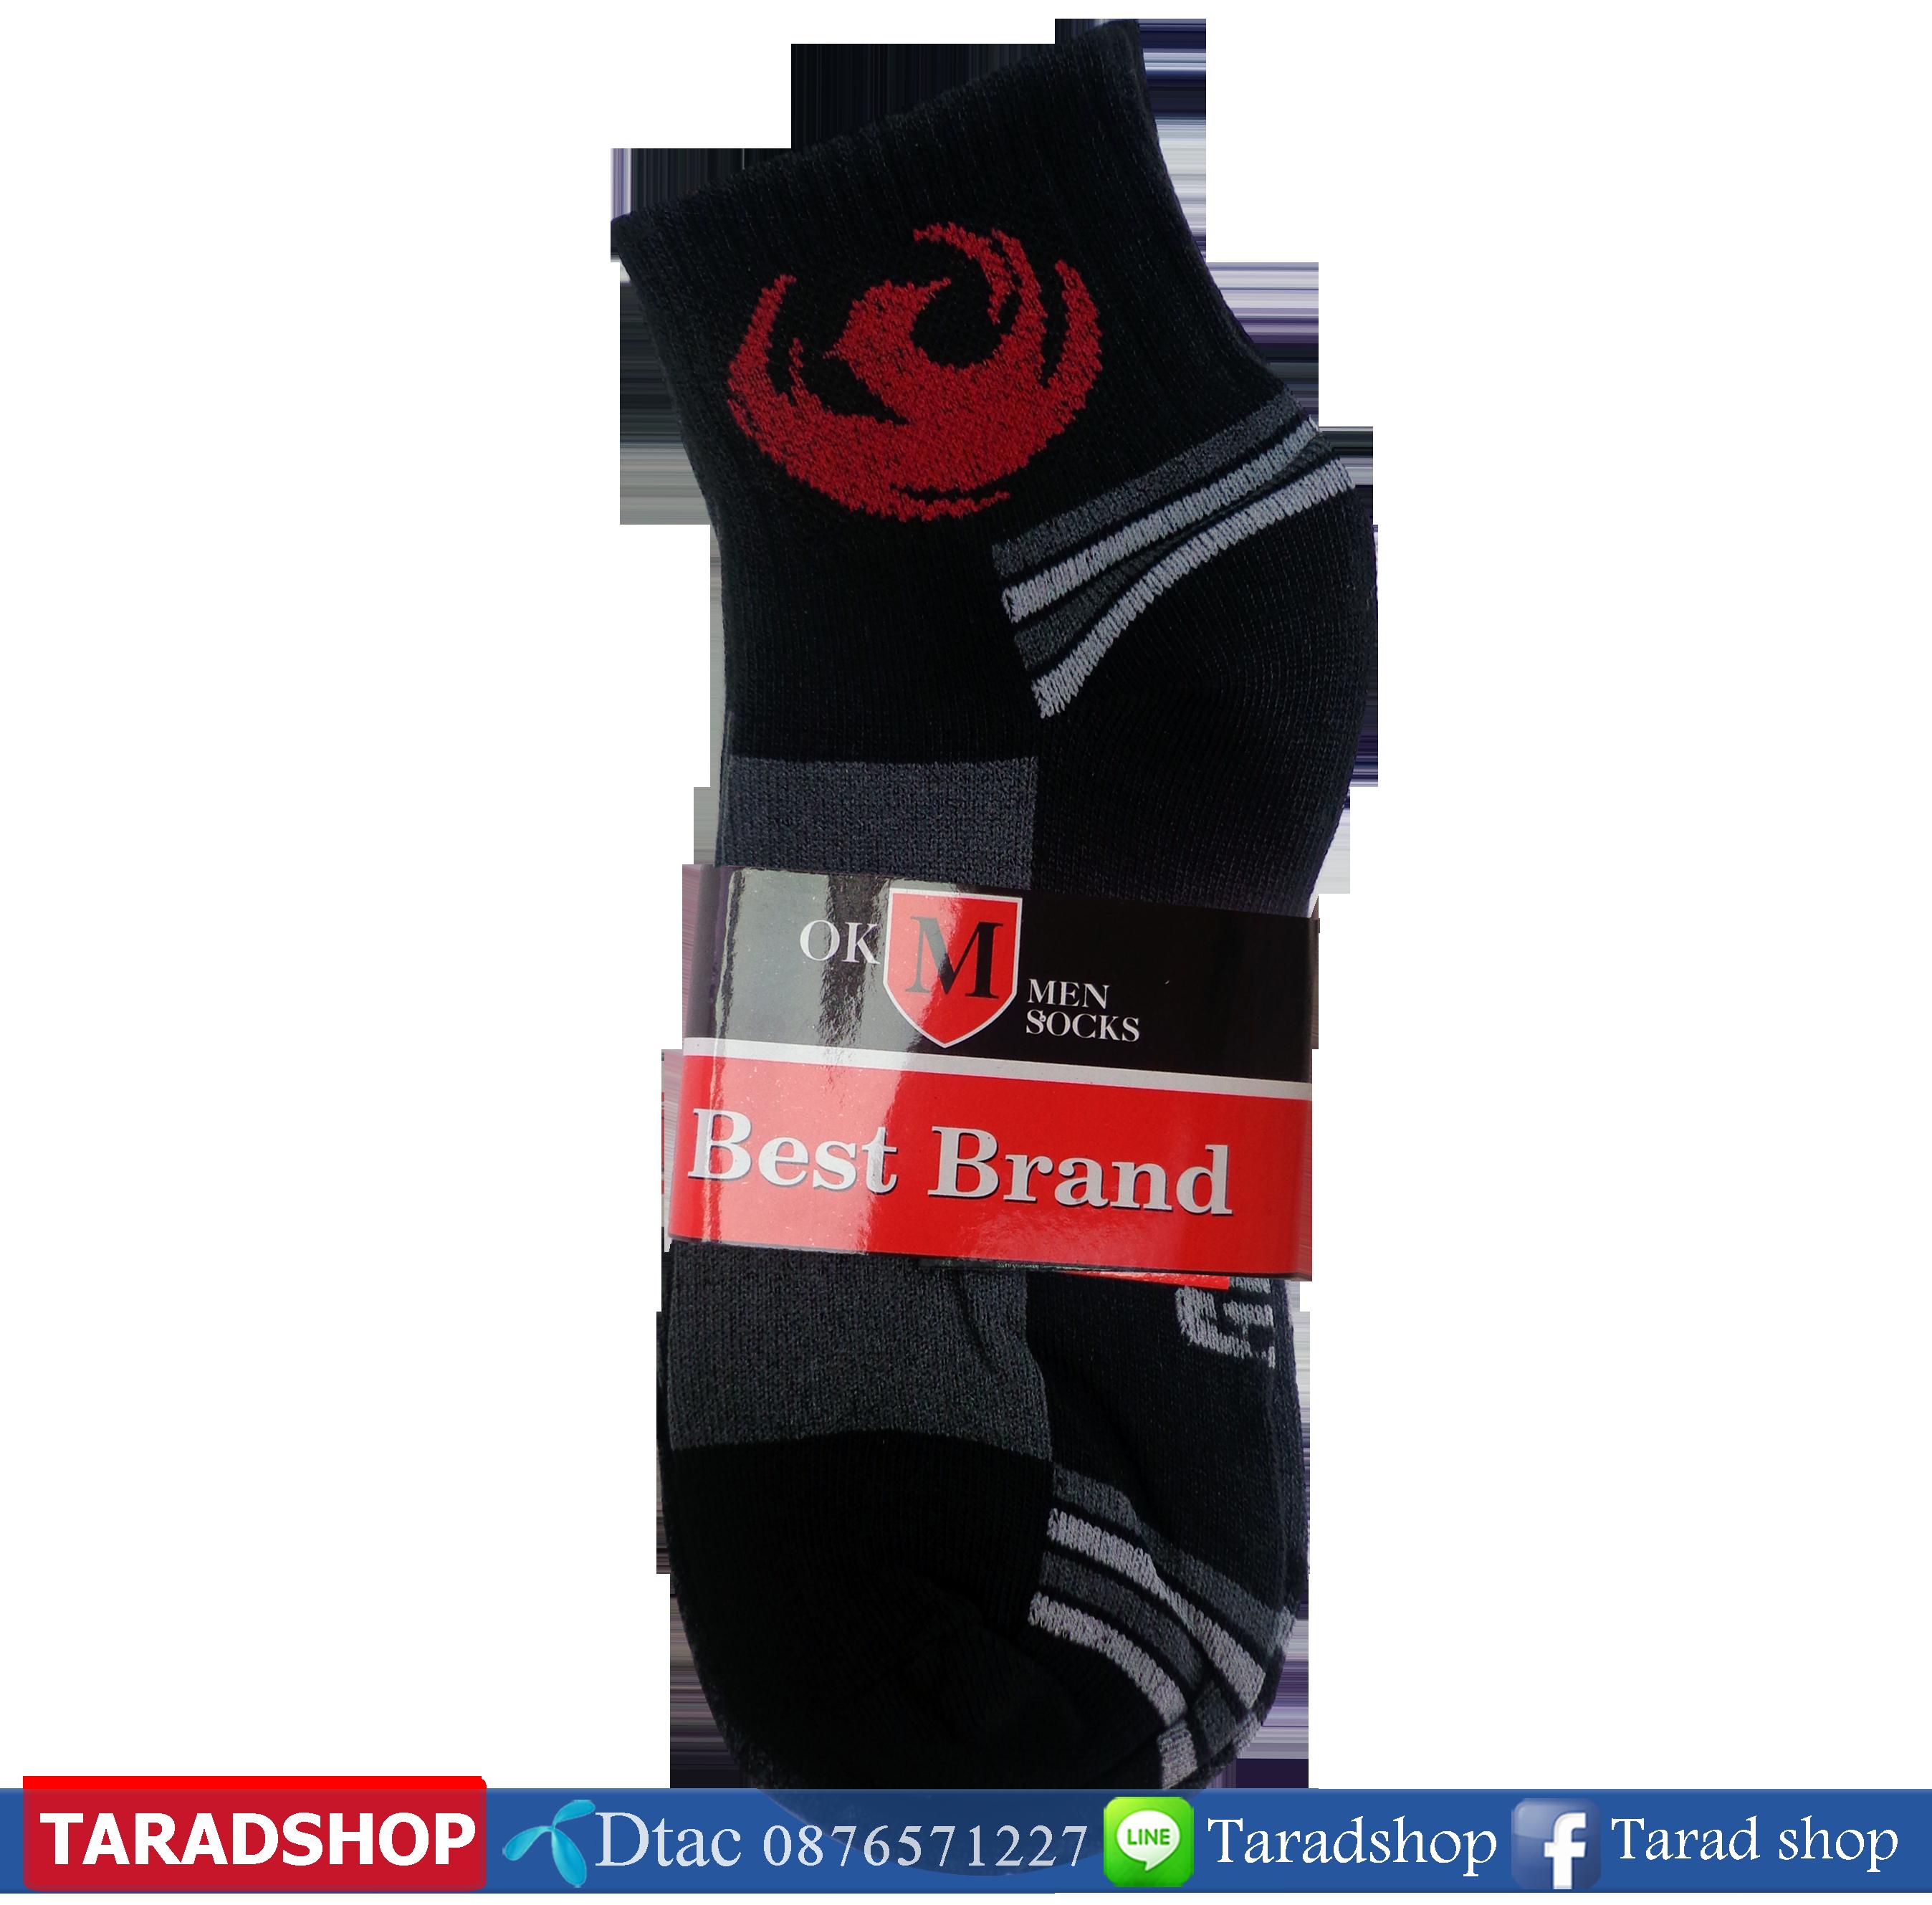 ถุงเท้าแฟชั่น Best brand ( ชนิดแพ็ค)